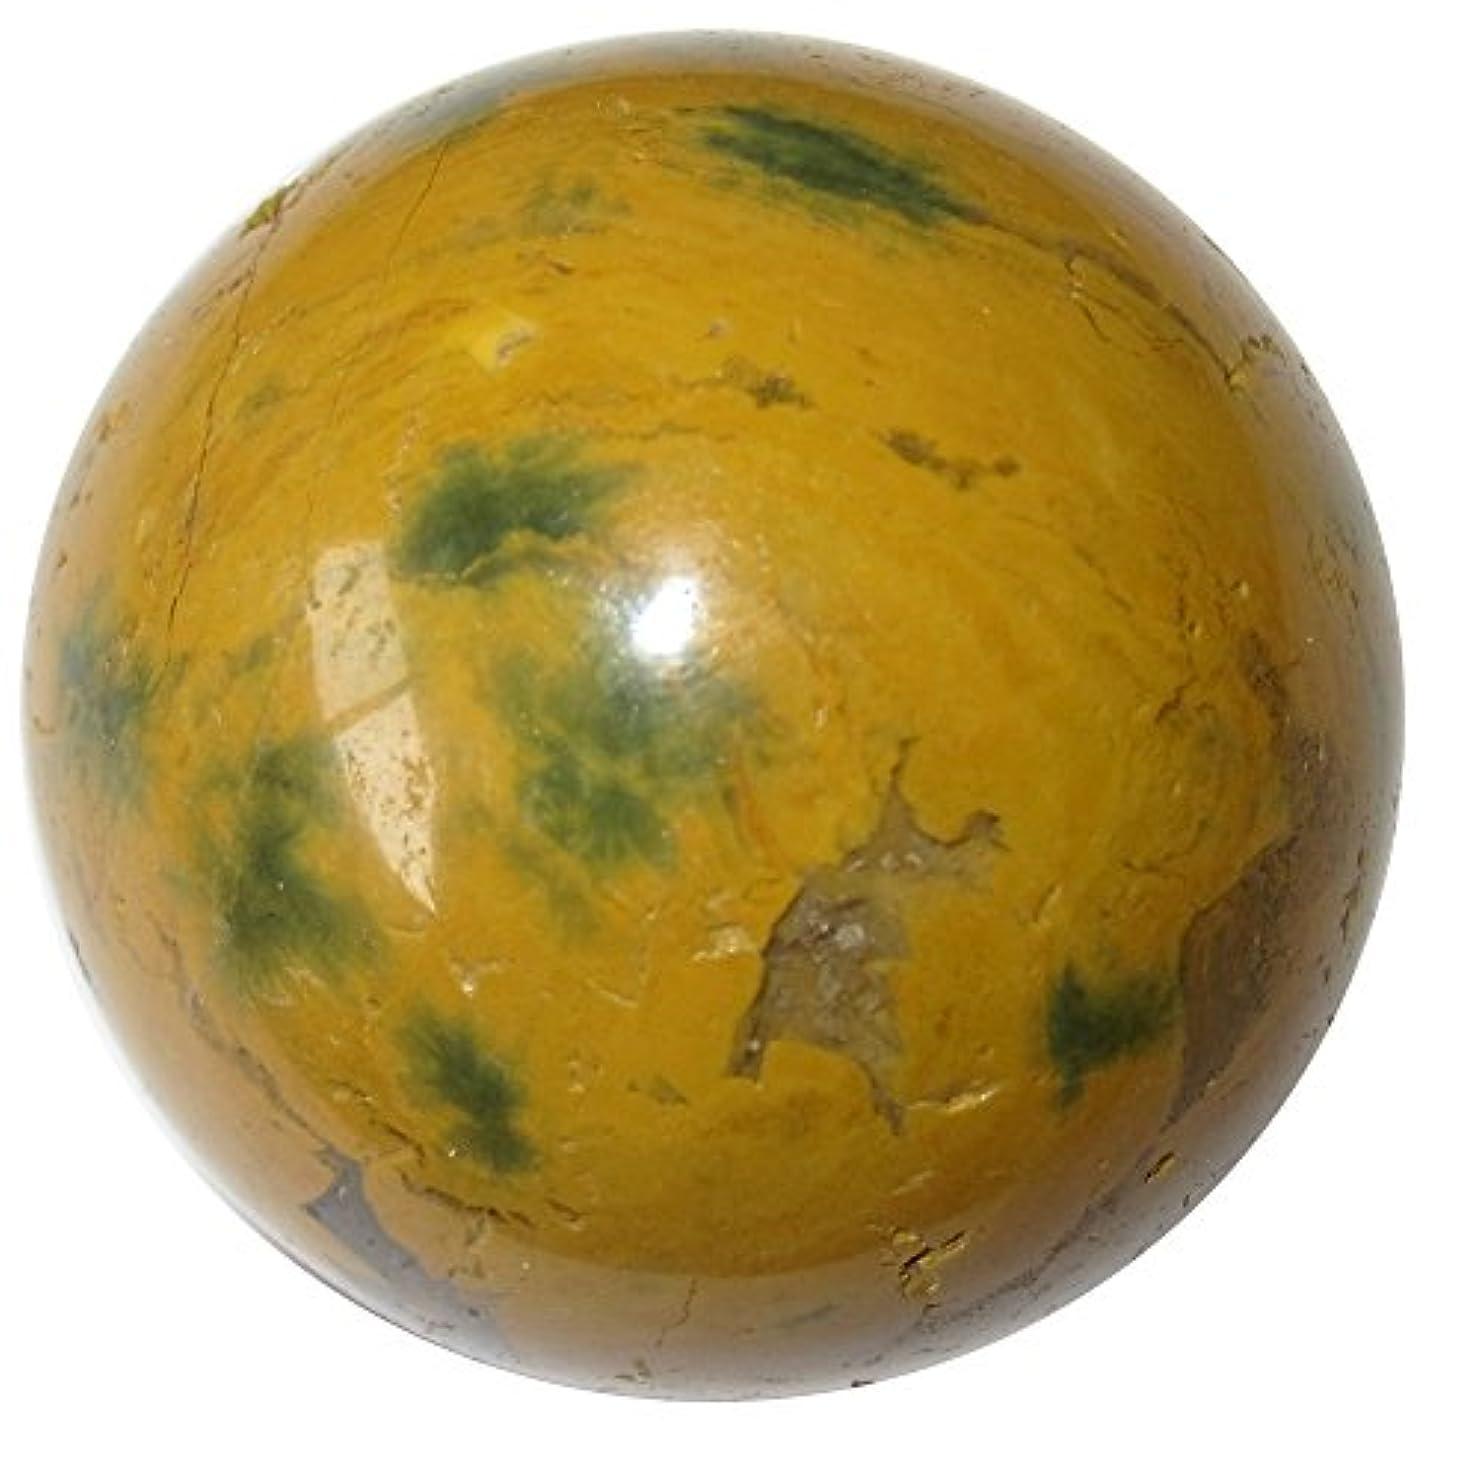 フィドルポゴスティックジャンプ安西サテンクリスタルジャスパー海洋ボールプレミアムマダガスカル球水要素エネルギーフローストーンp01 1.6 Inches イエロー jasperoceanball01-mustardgreen-1.6